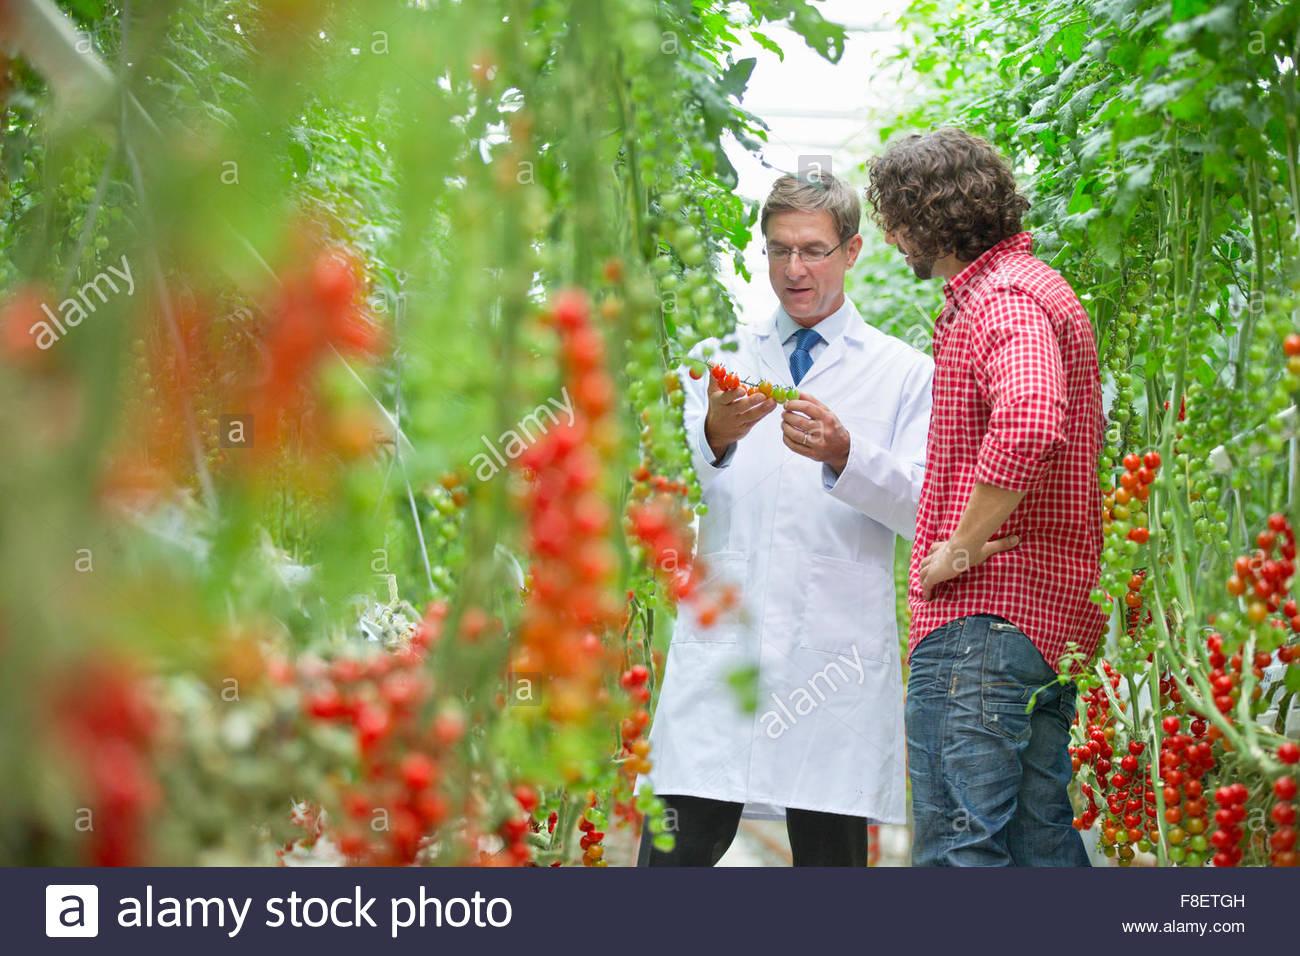 Ernährungswissenschaftler und Züchter Inspektion an Rebstöcken im Gewächshaus reife Tomaten Stockbild